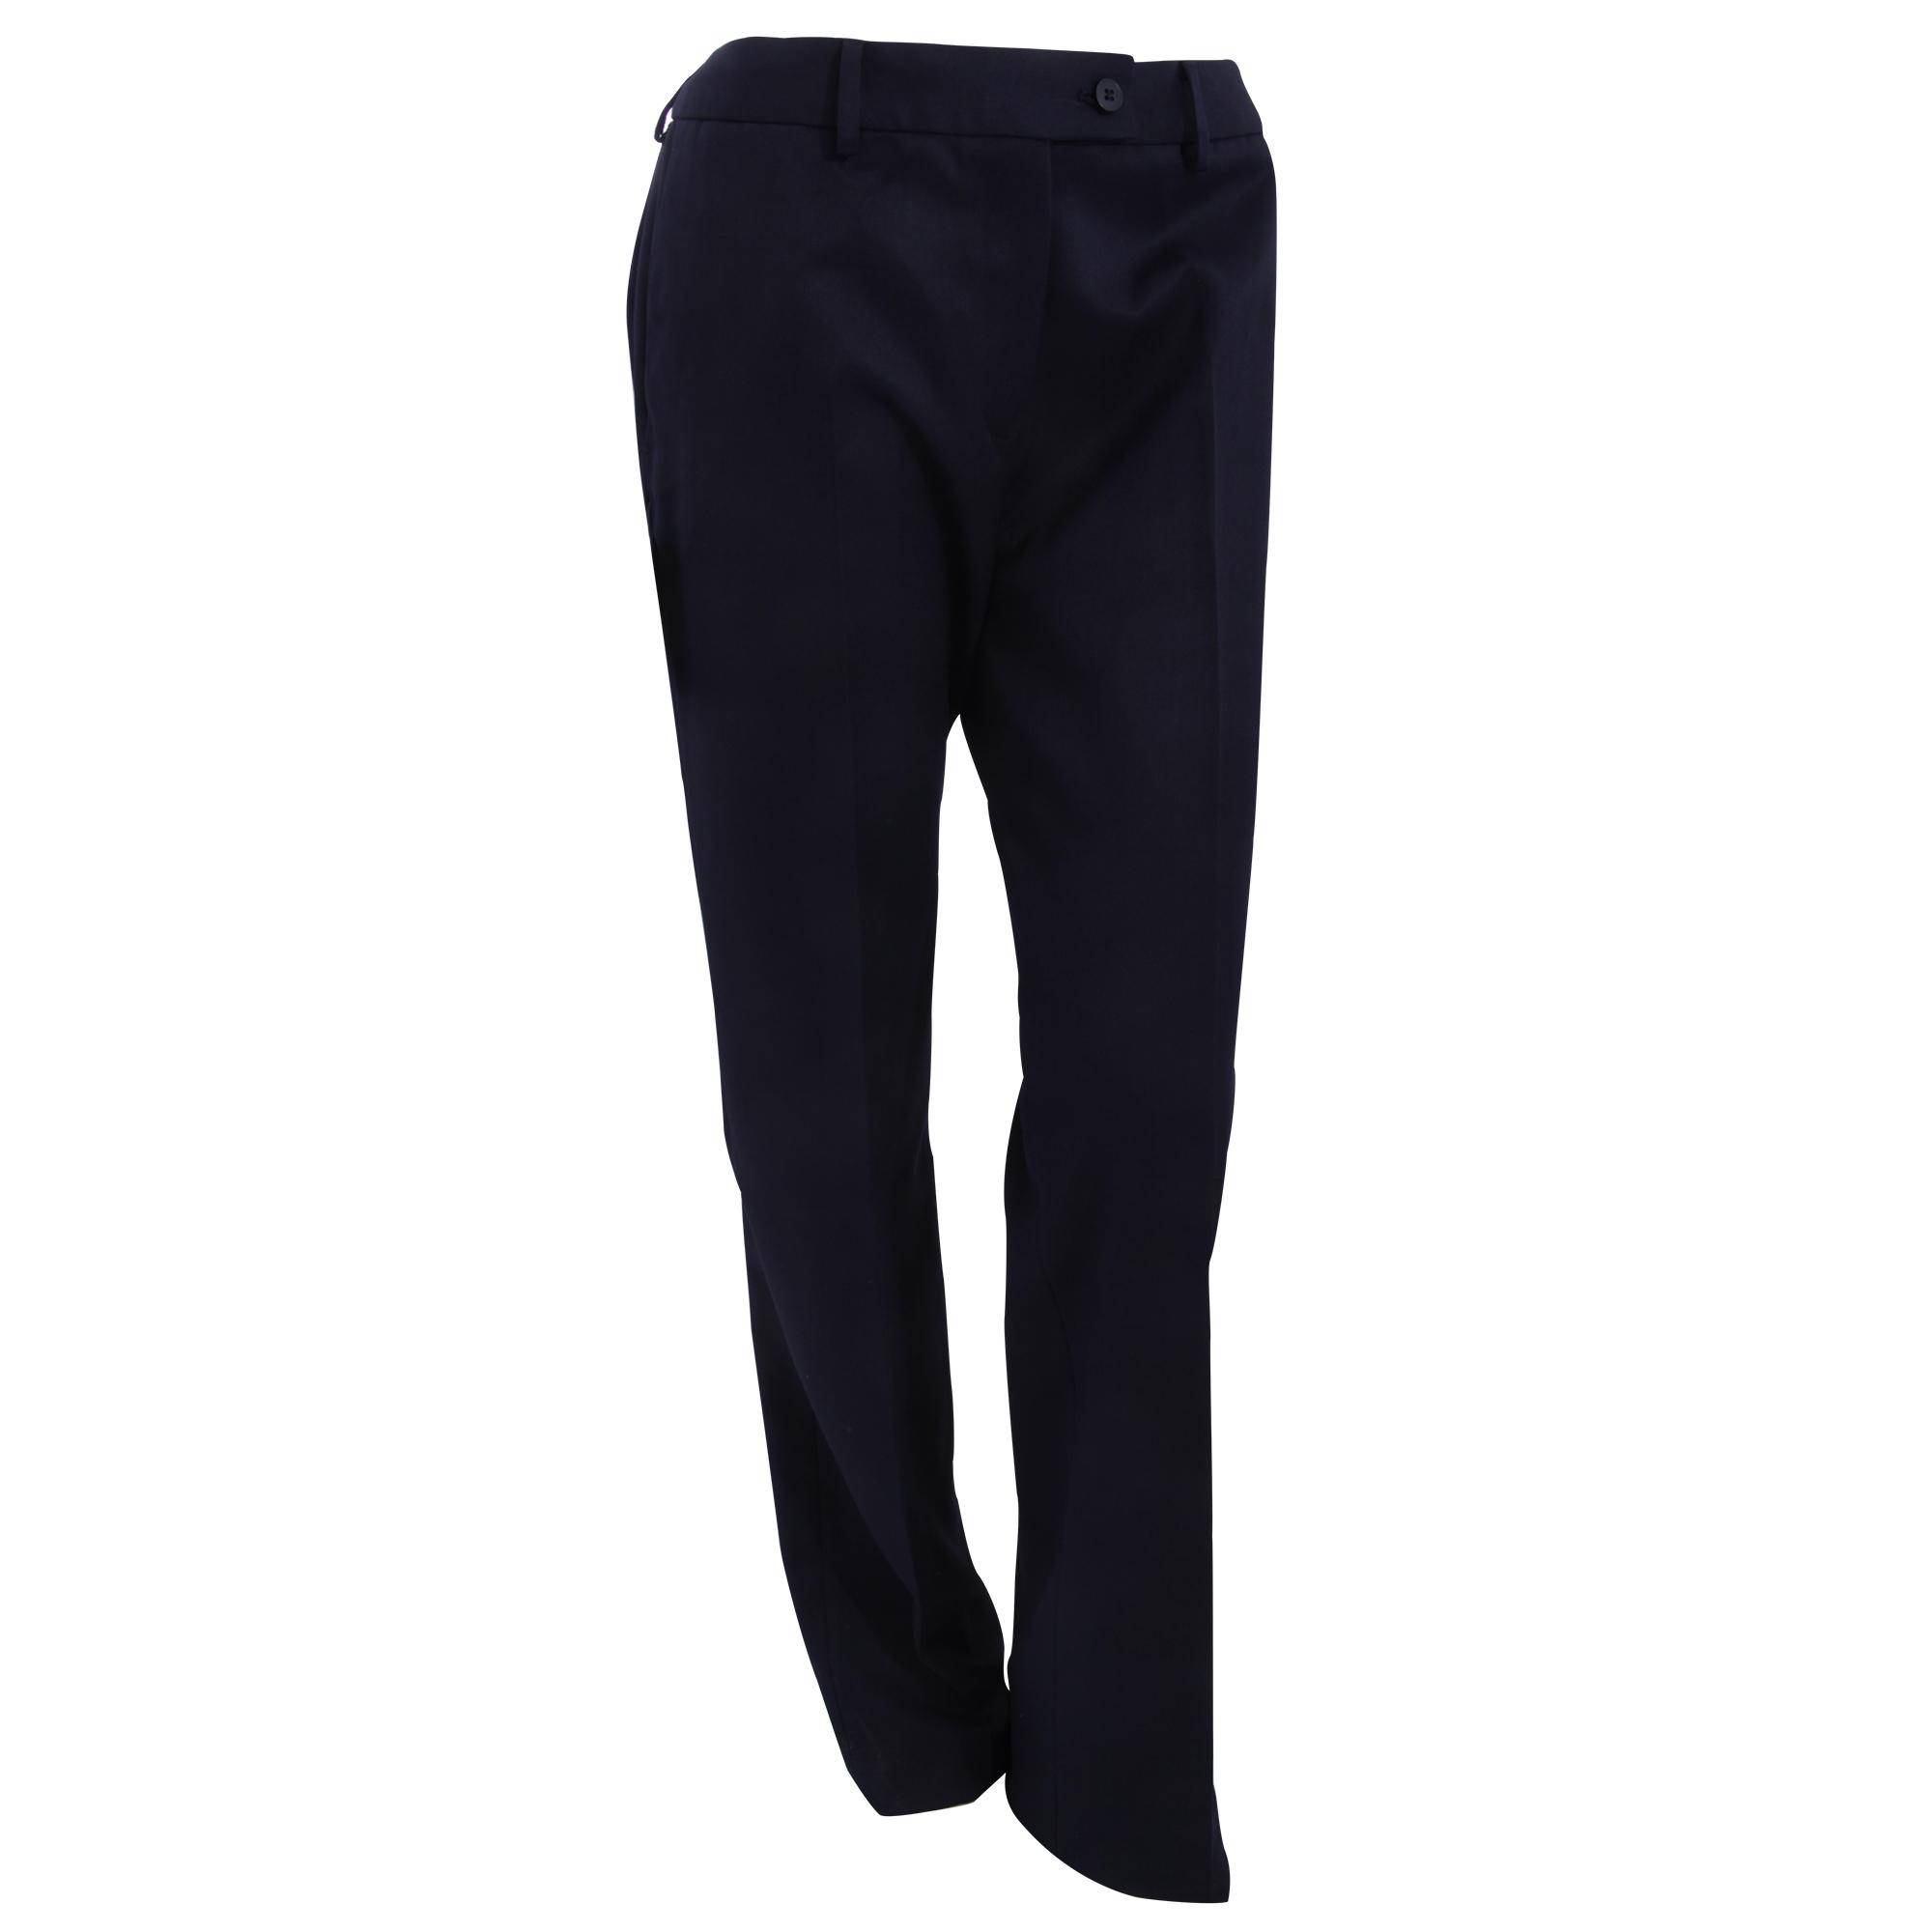 Brook Taverner Womens/Ladies Aura Formal Work/Suit Trousers (12U) (Navy)